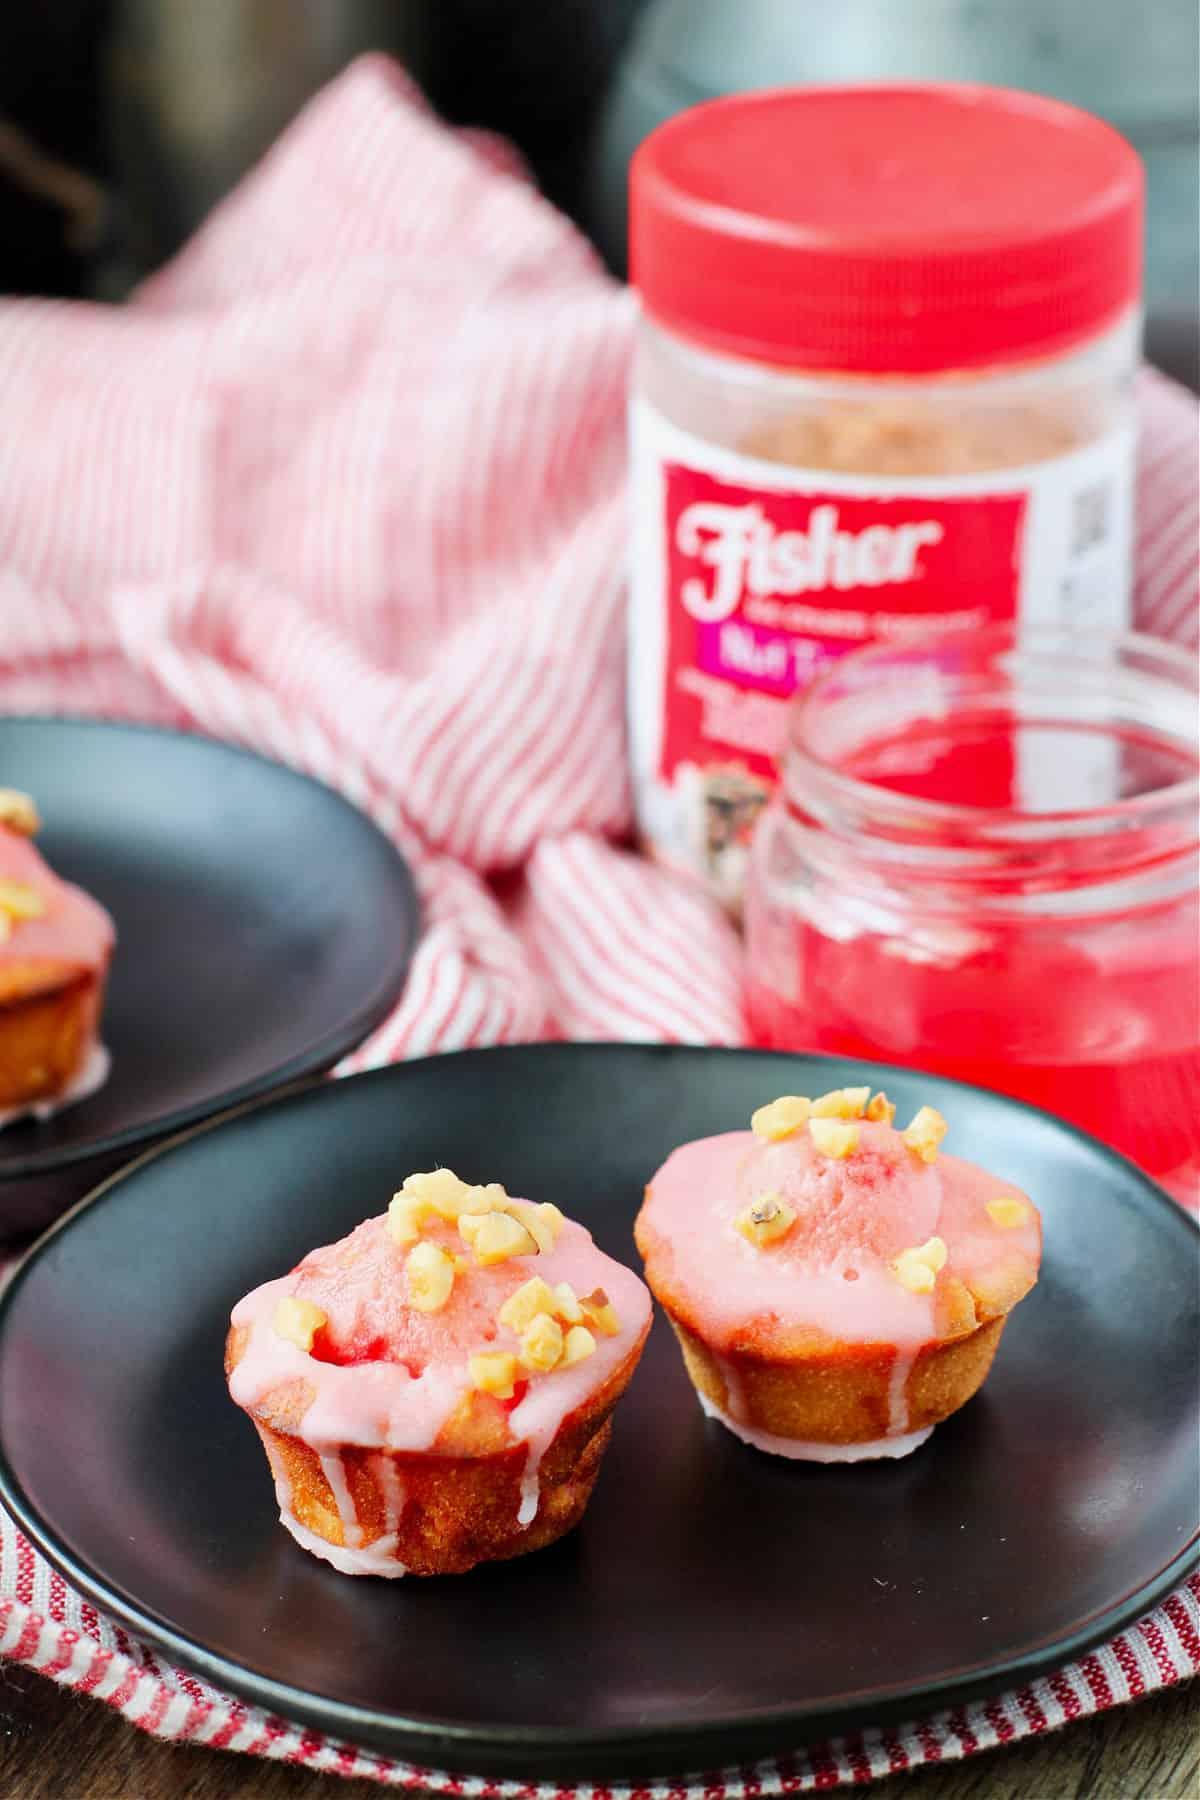 Maraschino cherry muffins on plates.